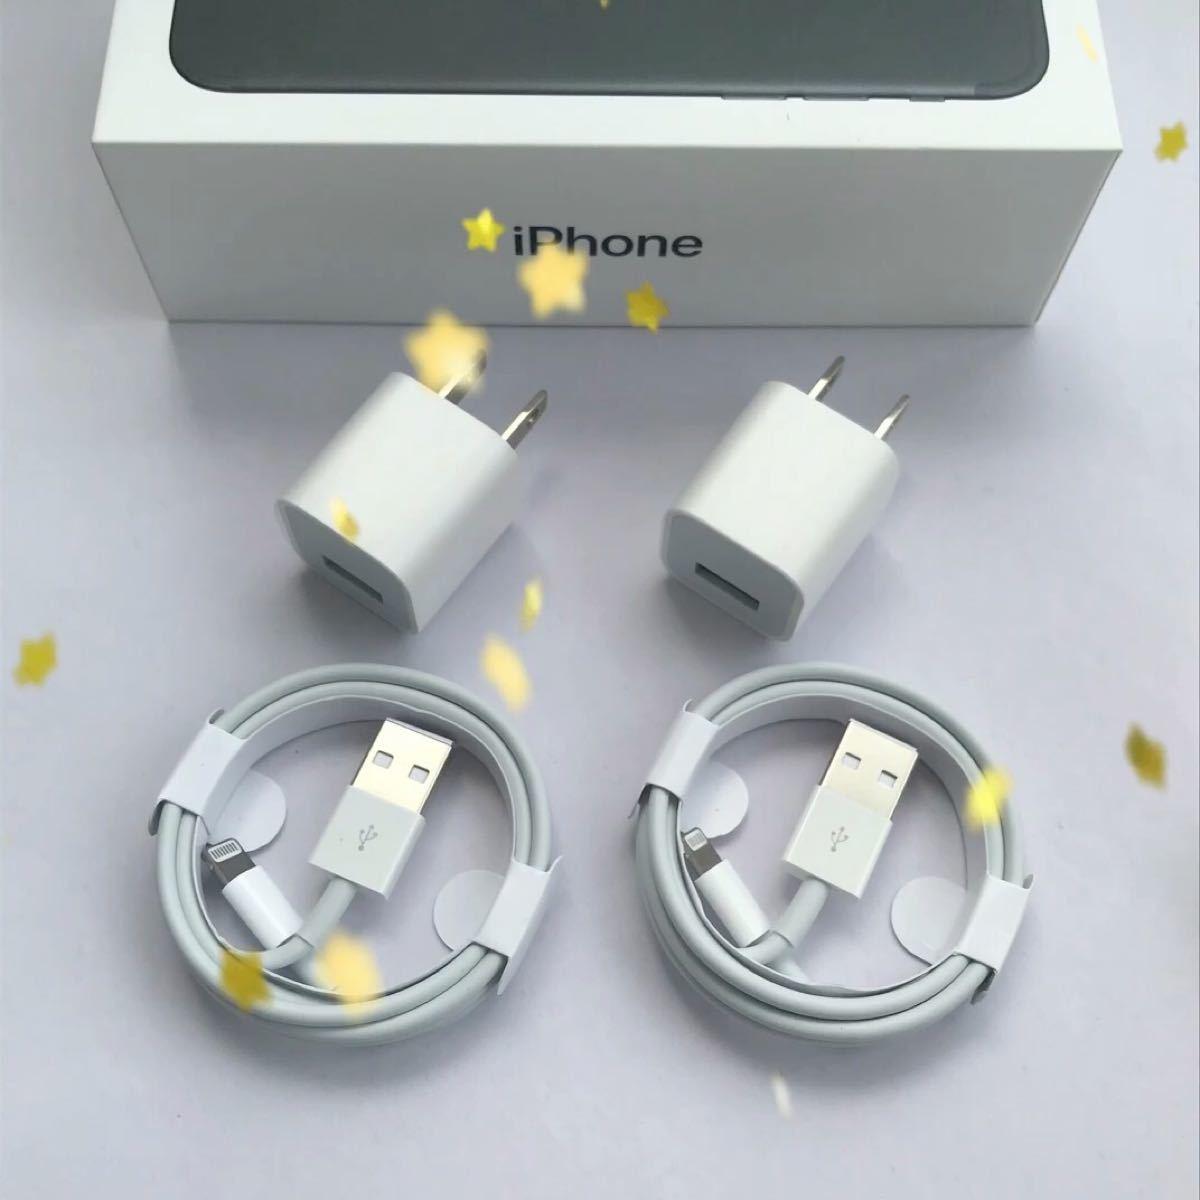 iPhone 充電器 ケーブル lightning cable ライトニングケーブル USB スマホ 電源 コード 4点